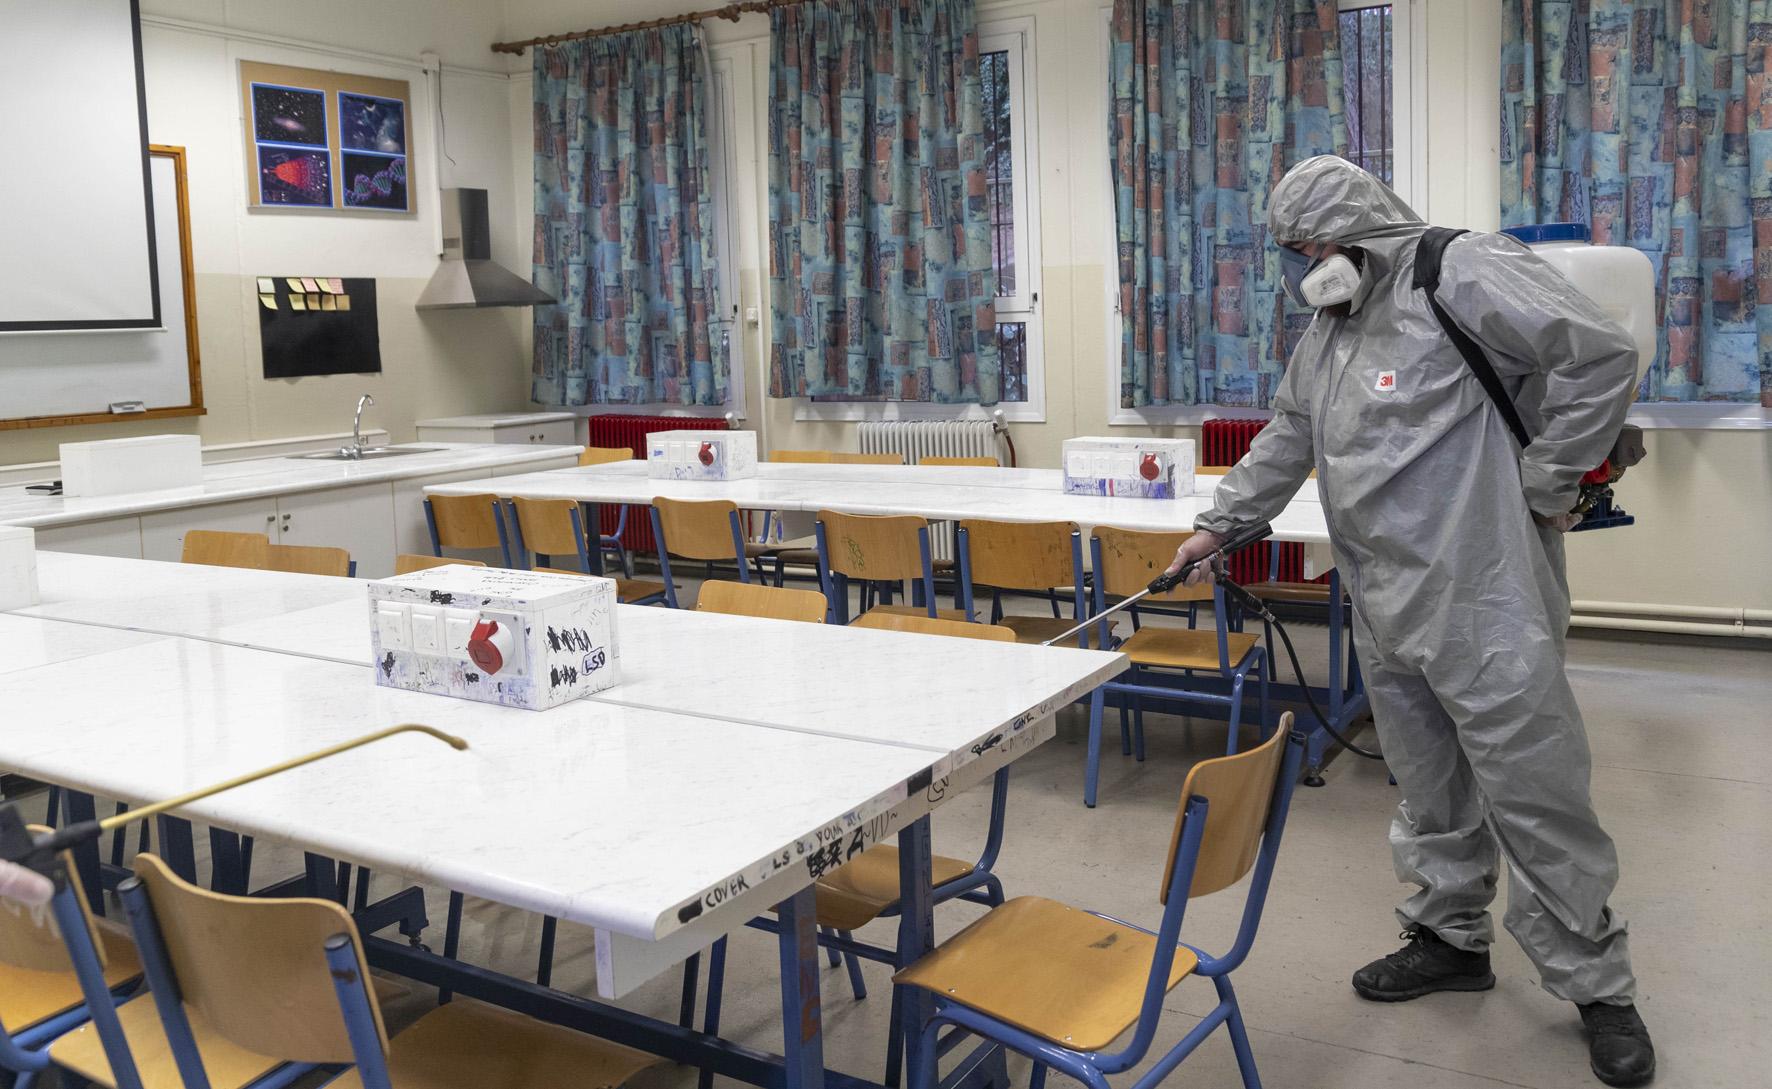 Πιο γρήγορη άρση του lockdown – Ανοίγουν Γυμνάσια και Λύκεια από 11 Μαΐου;